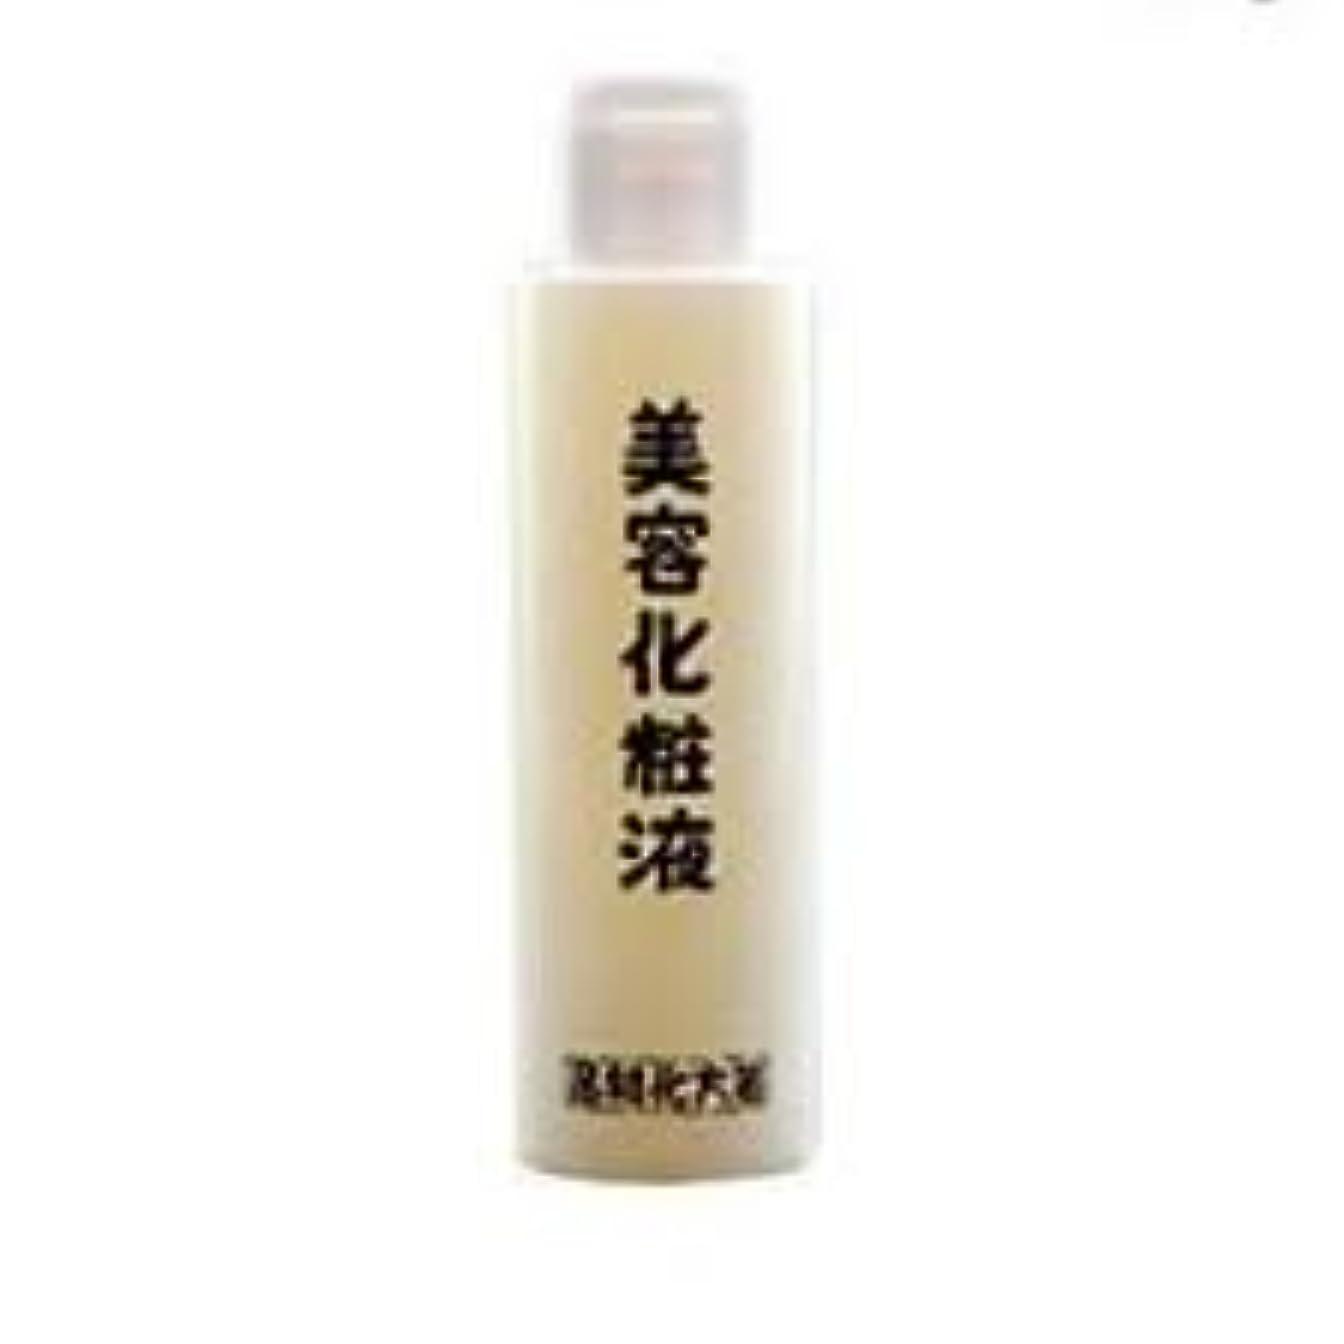 爆発物モンクメキシコ箸方化粧品 美容化粧液 化粧水 120ml はしかた化粧品